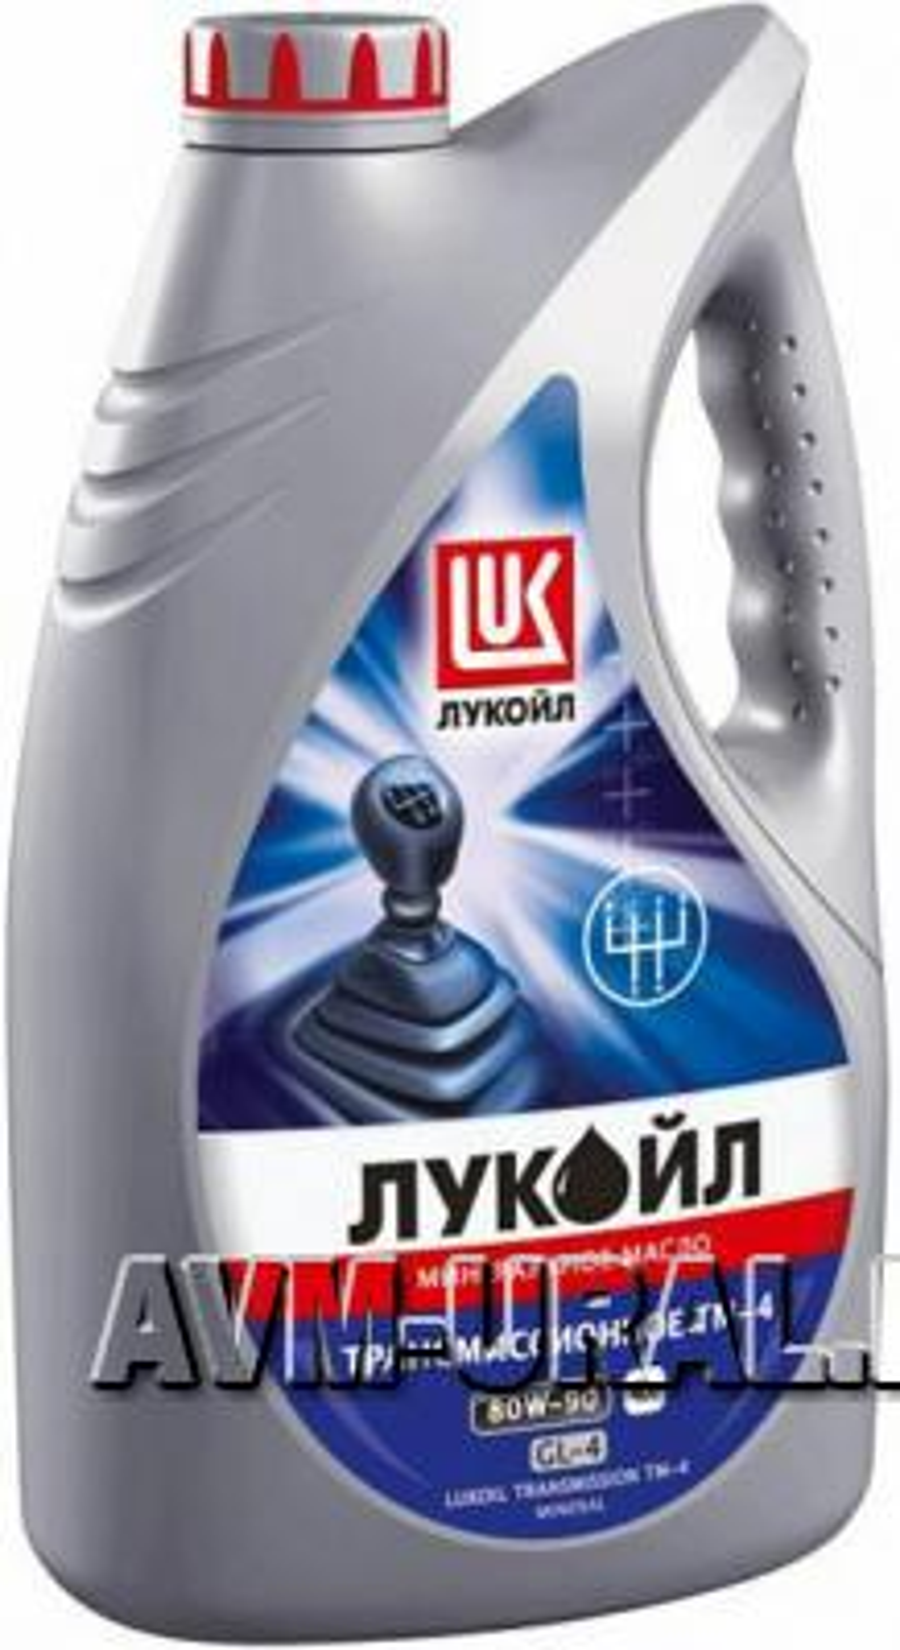 Масло трансмиссионное ЛУКОЙЛ GL-4 80W90 (4 л)